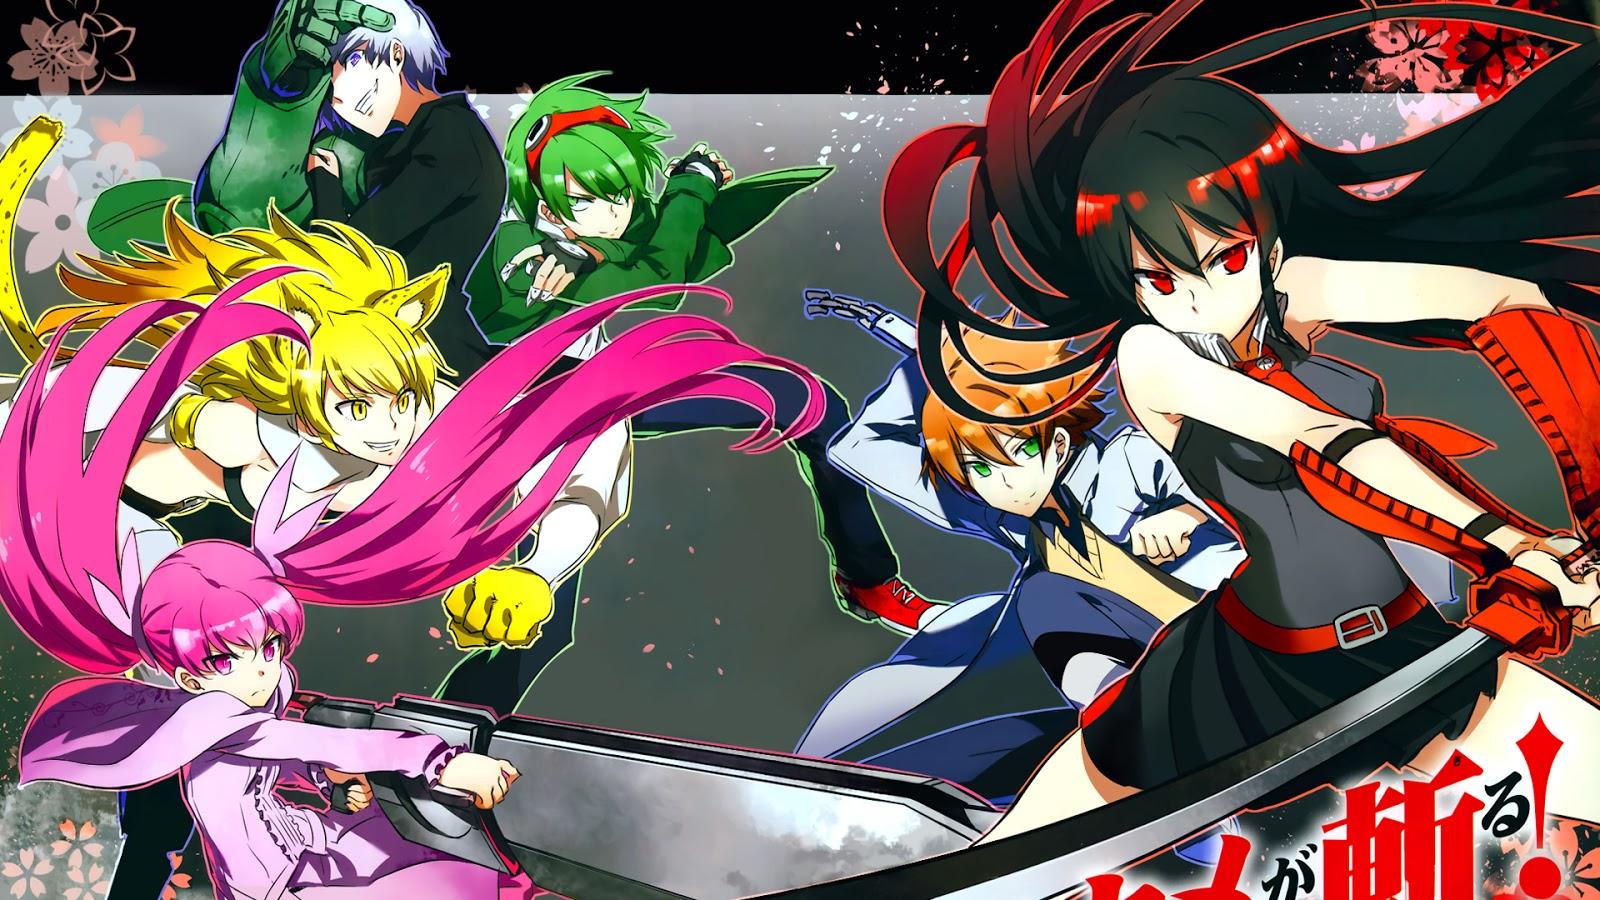 Akame ga Kill! / 2014 / MP4 / TR Altyazılı